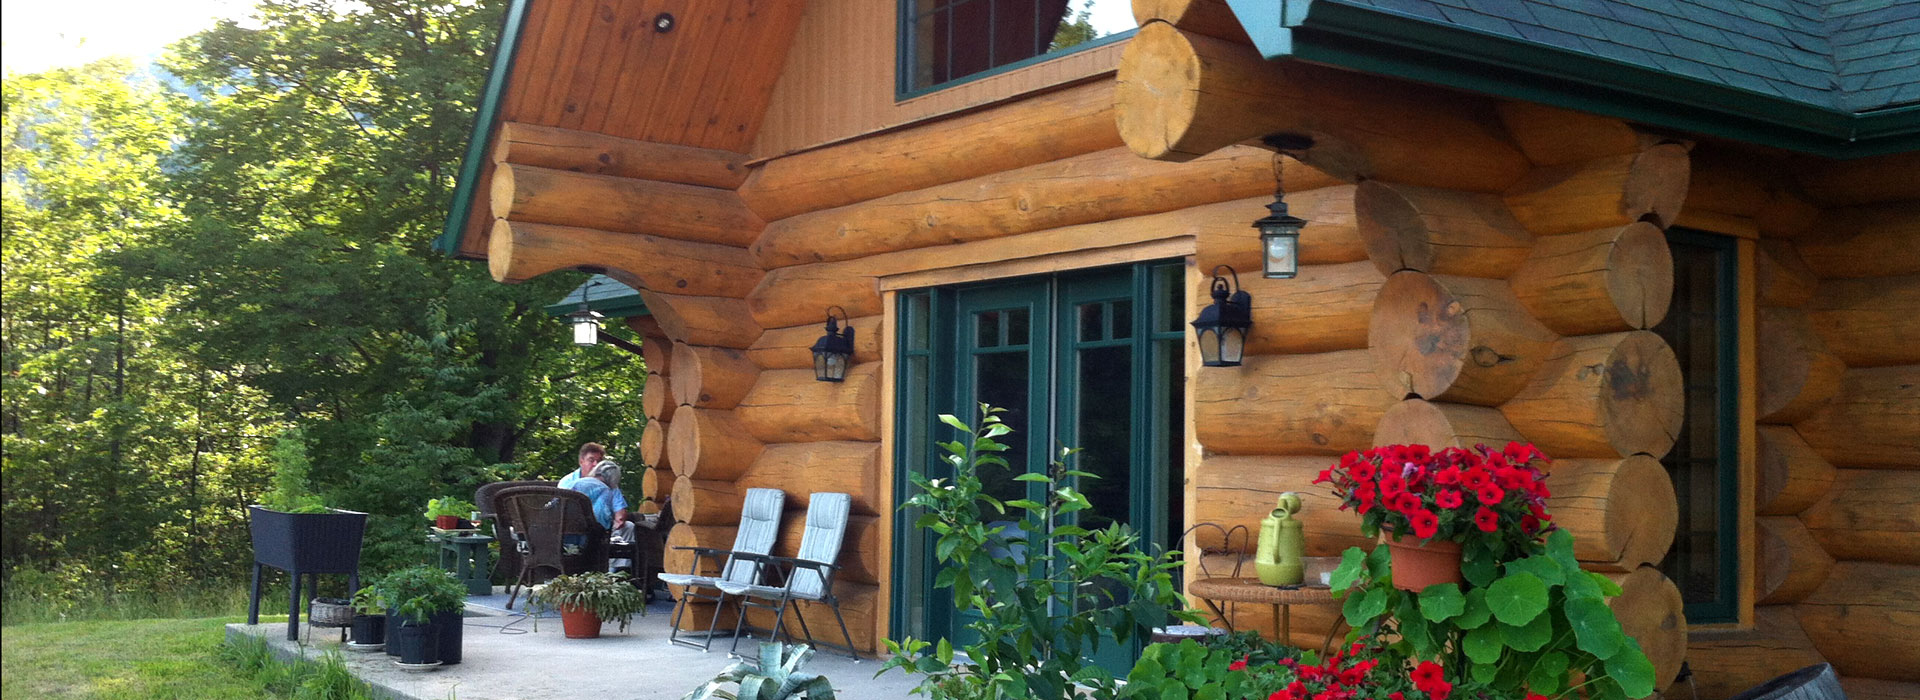 Galerie de maisons maison en bois rond